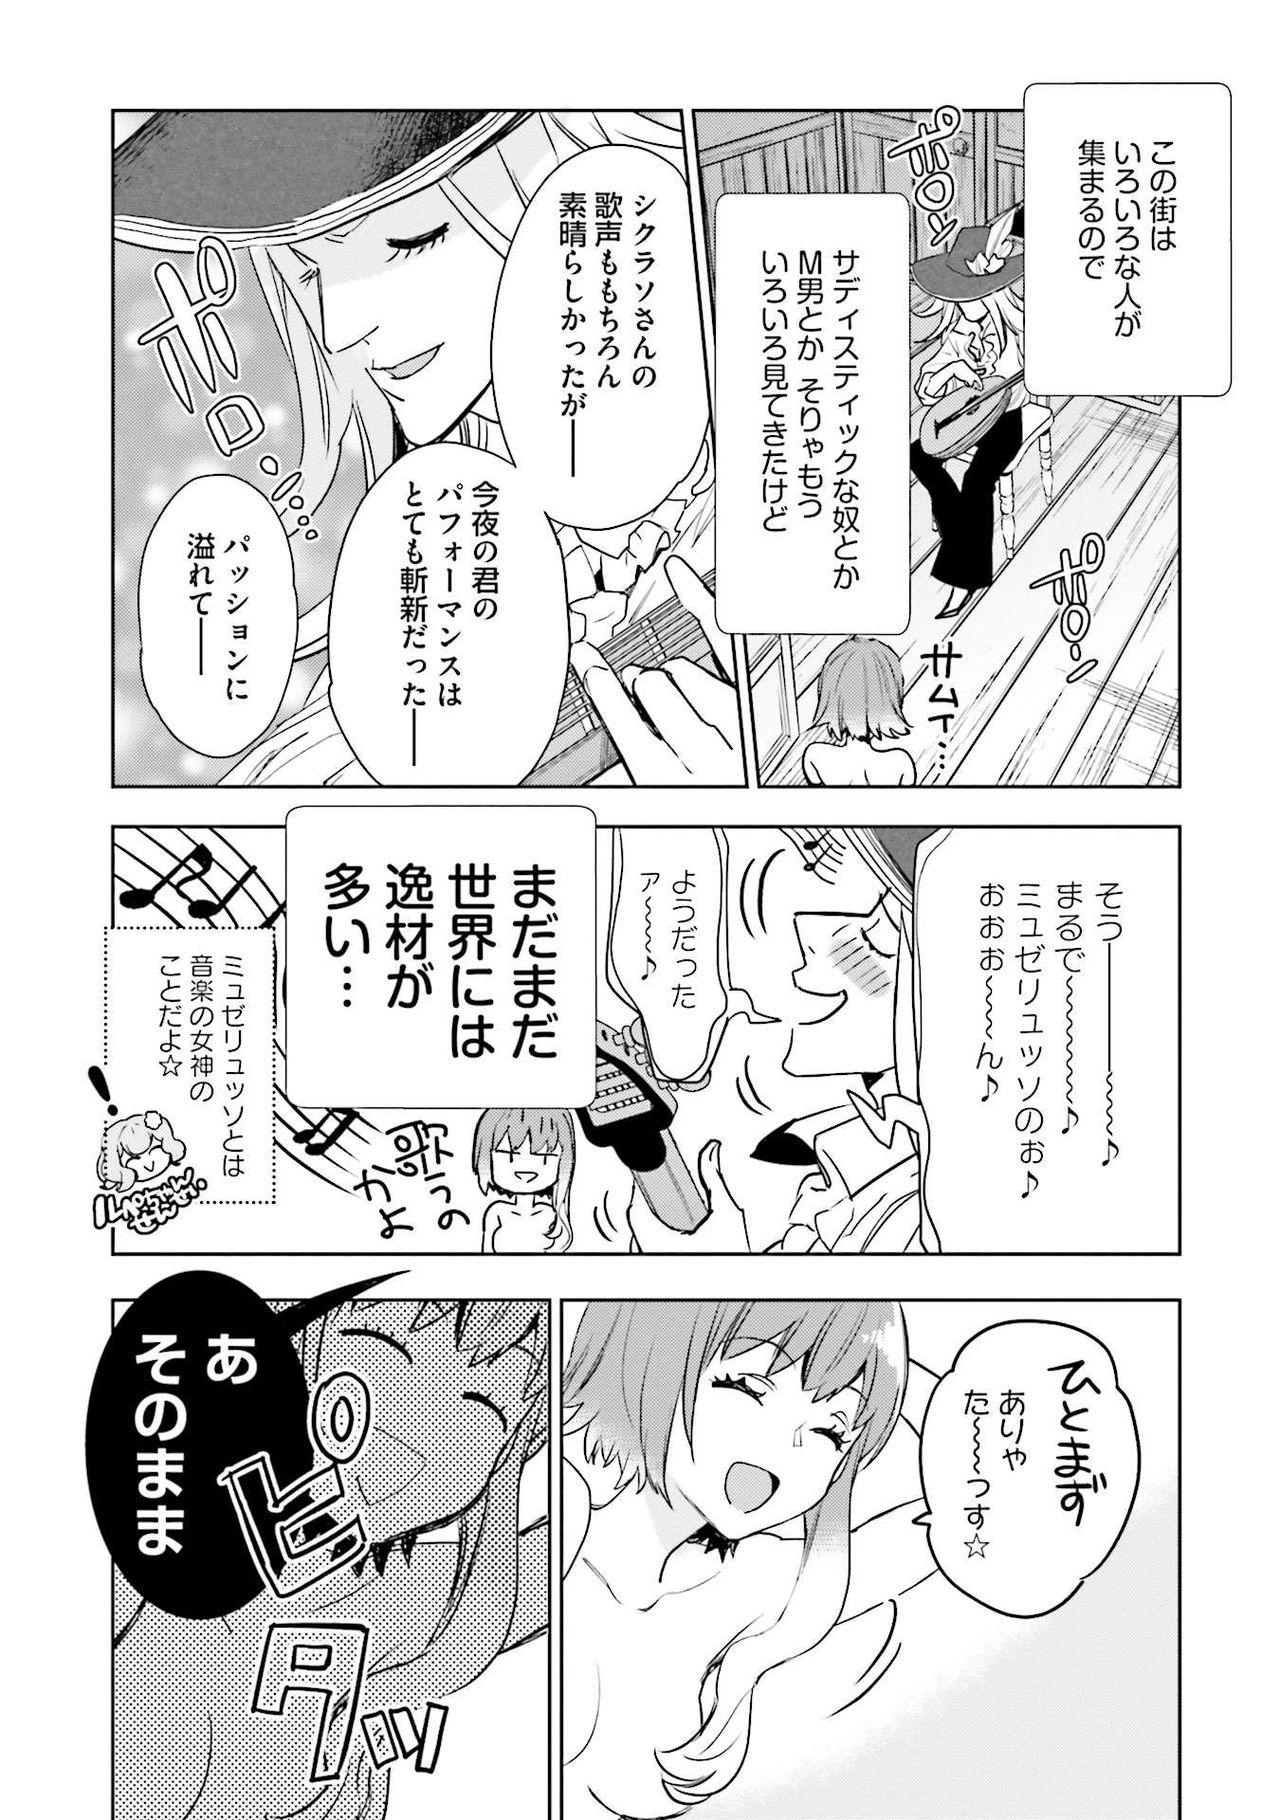 JK Haru wa Isekai de Shoufu ni Natta 1-14 106